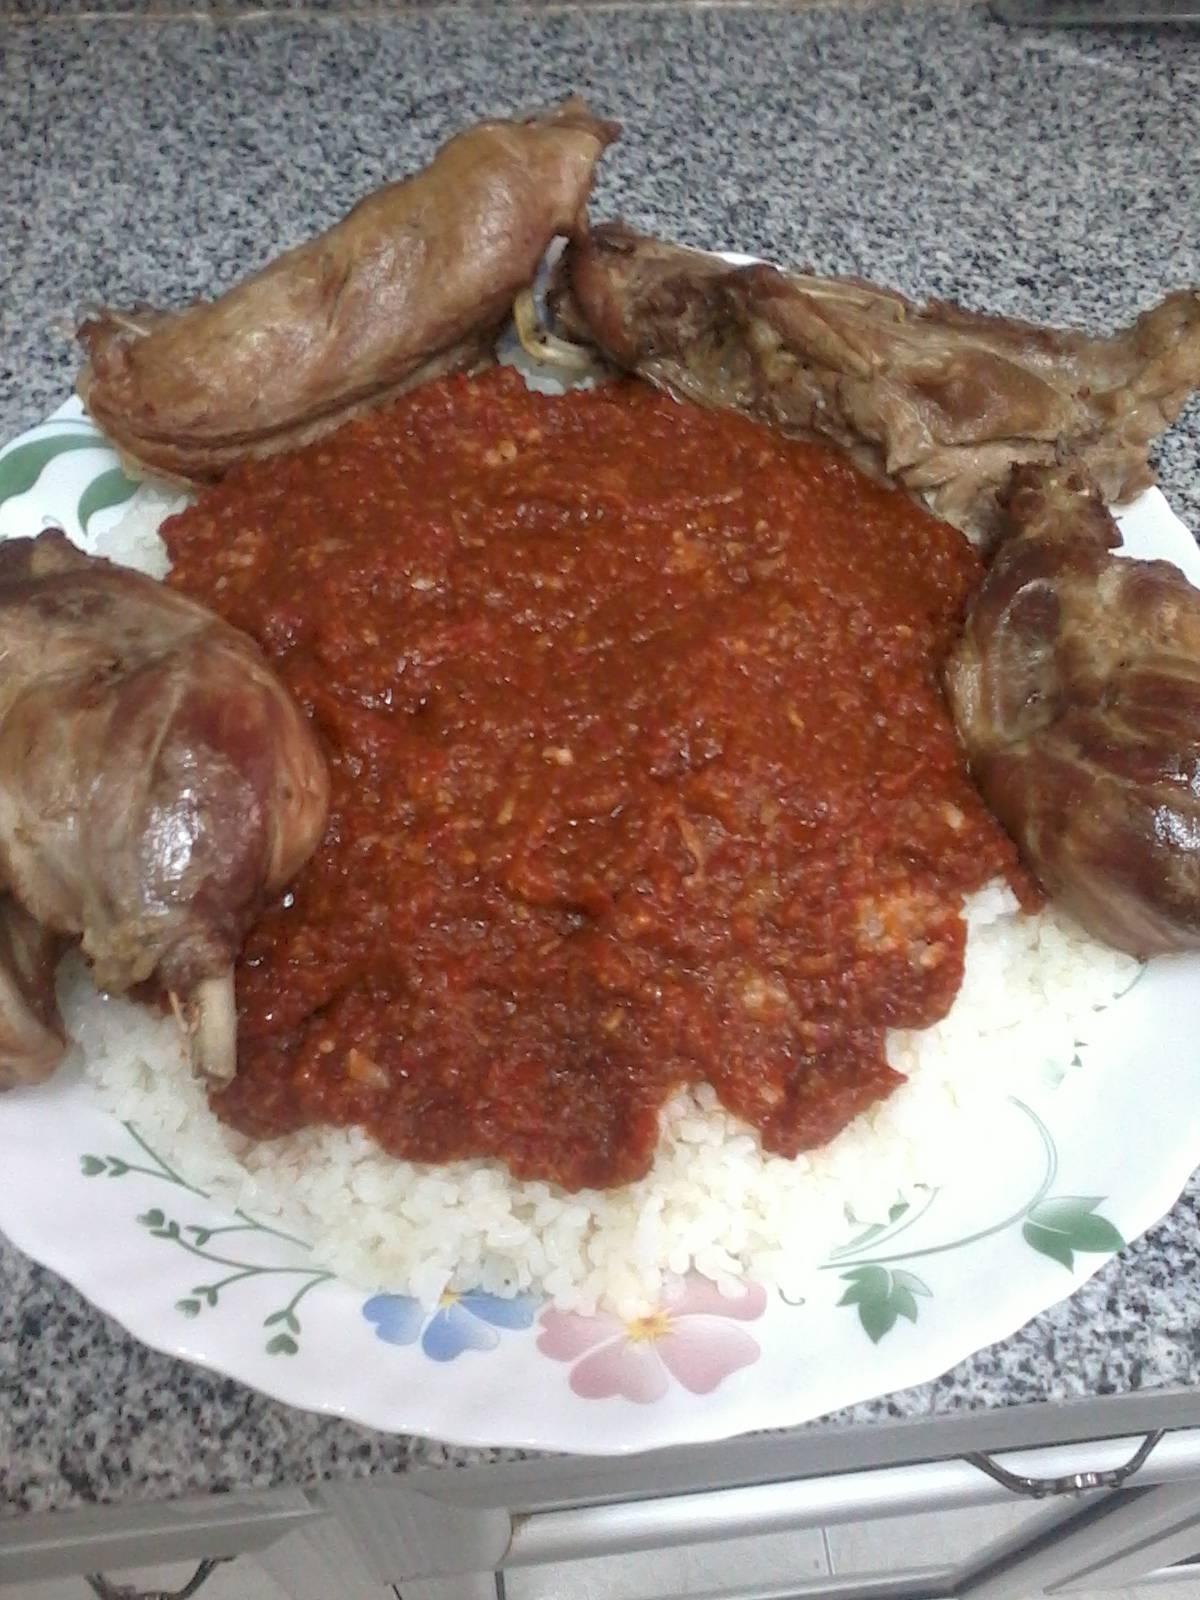 Фатта. Блюдо из риса с мясом. Египетская кухня. 299f39758e19ab6448683d2e0878b37529c4da91160527